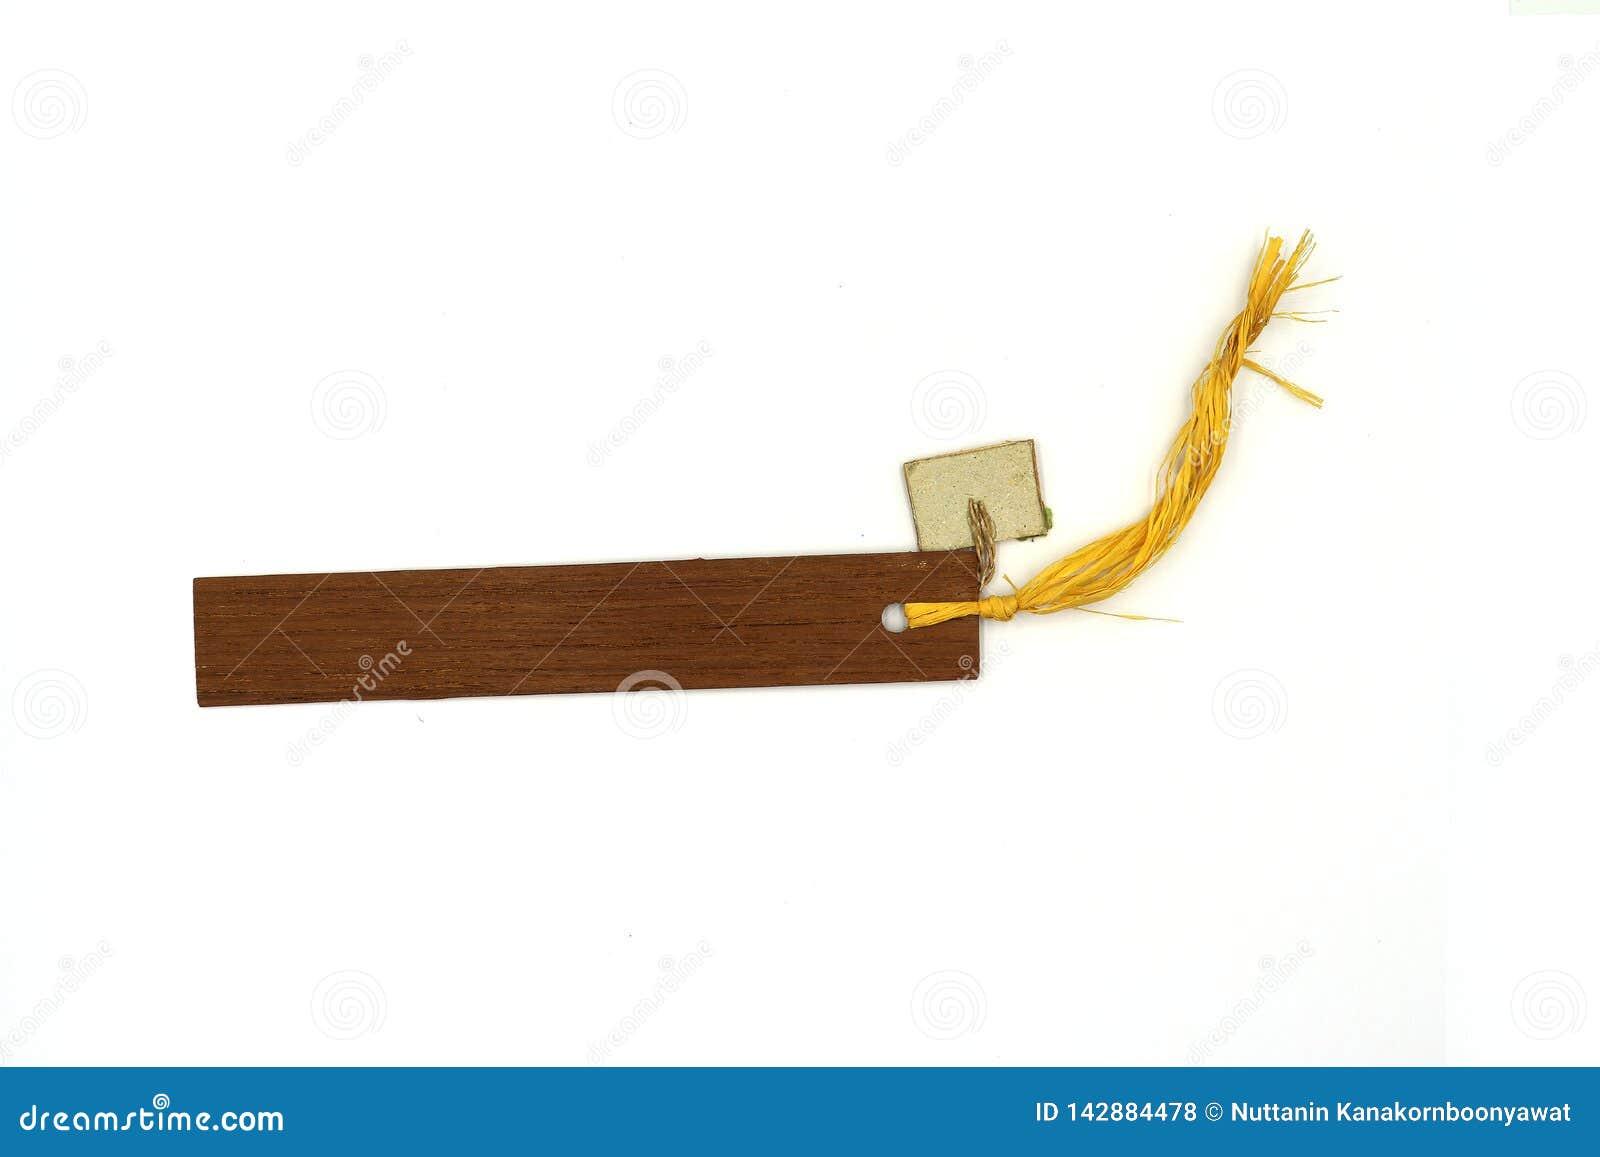 Etiqueta de madeira rústica com corda fina, marca de livro de madeira isolada no fundo branco